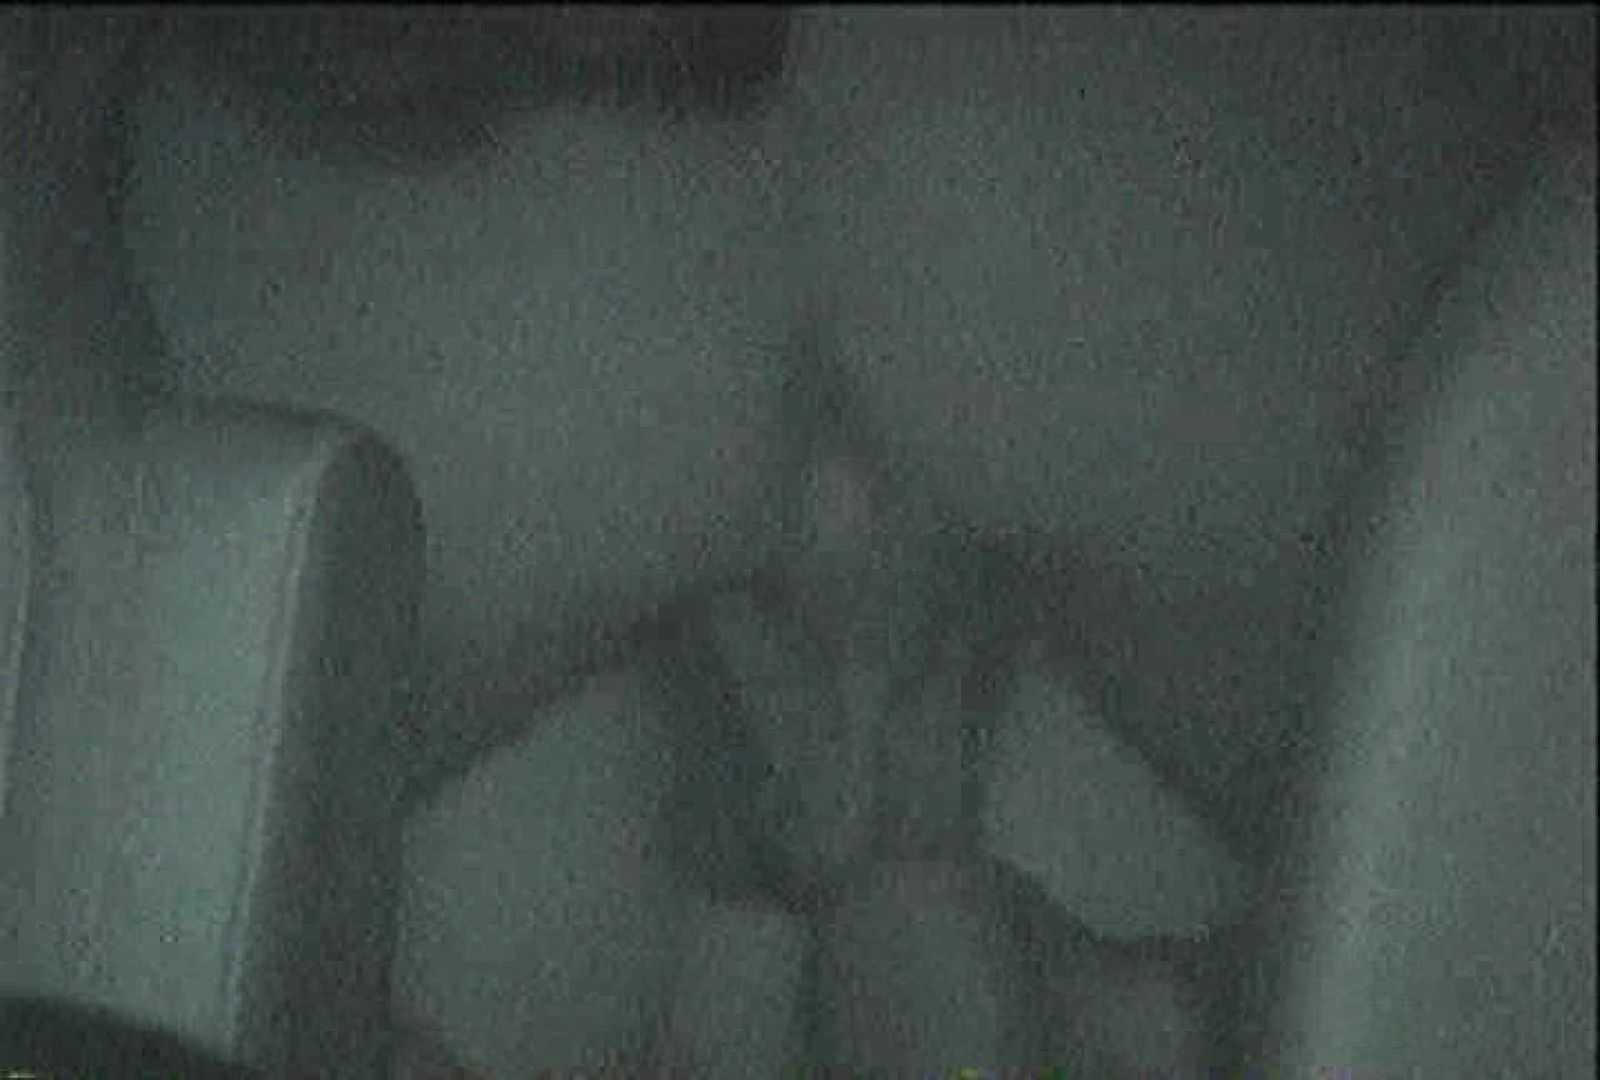 充血監督の深夜の運動会Vol.79 おまんこ | 美しいOLの裸体  91pic 1